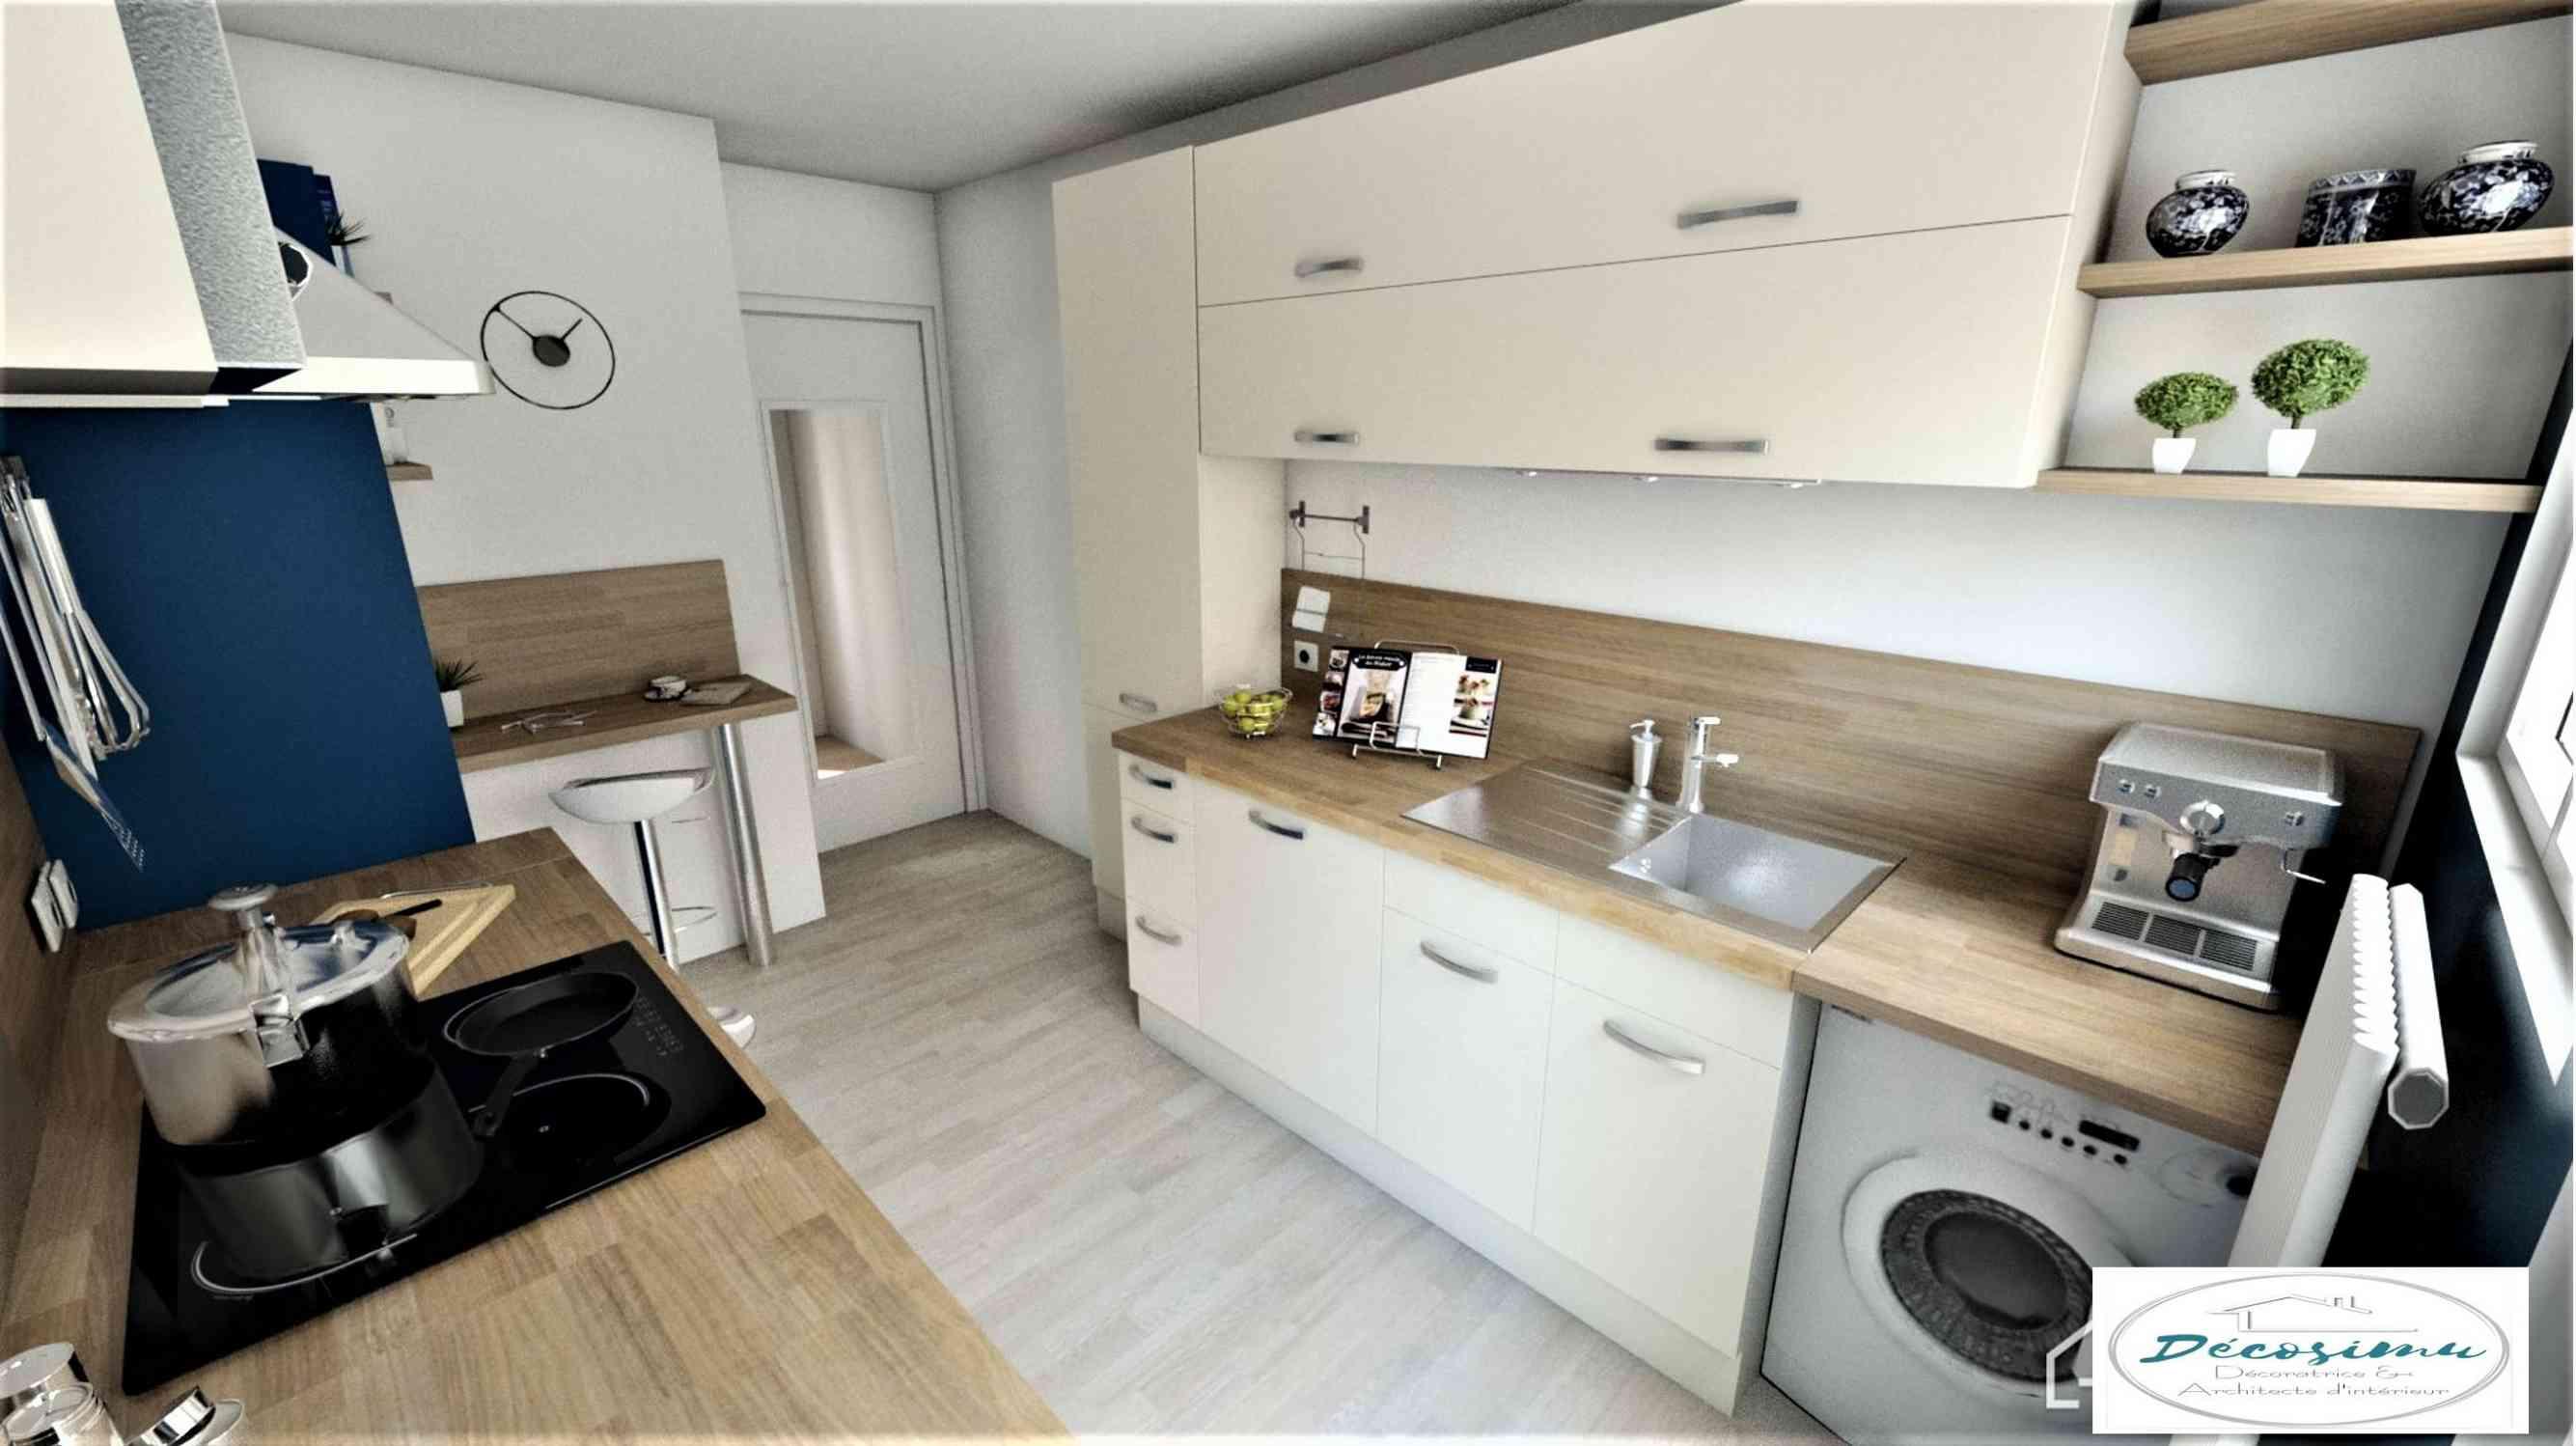 Création et aménagement d'une cuisine contemporaine